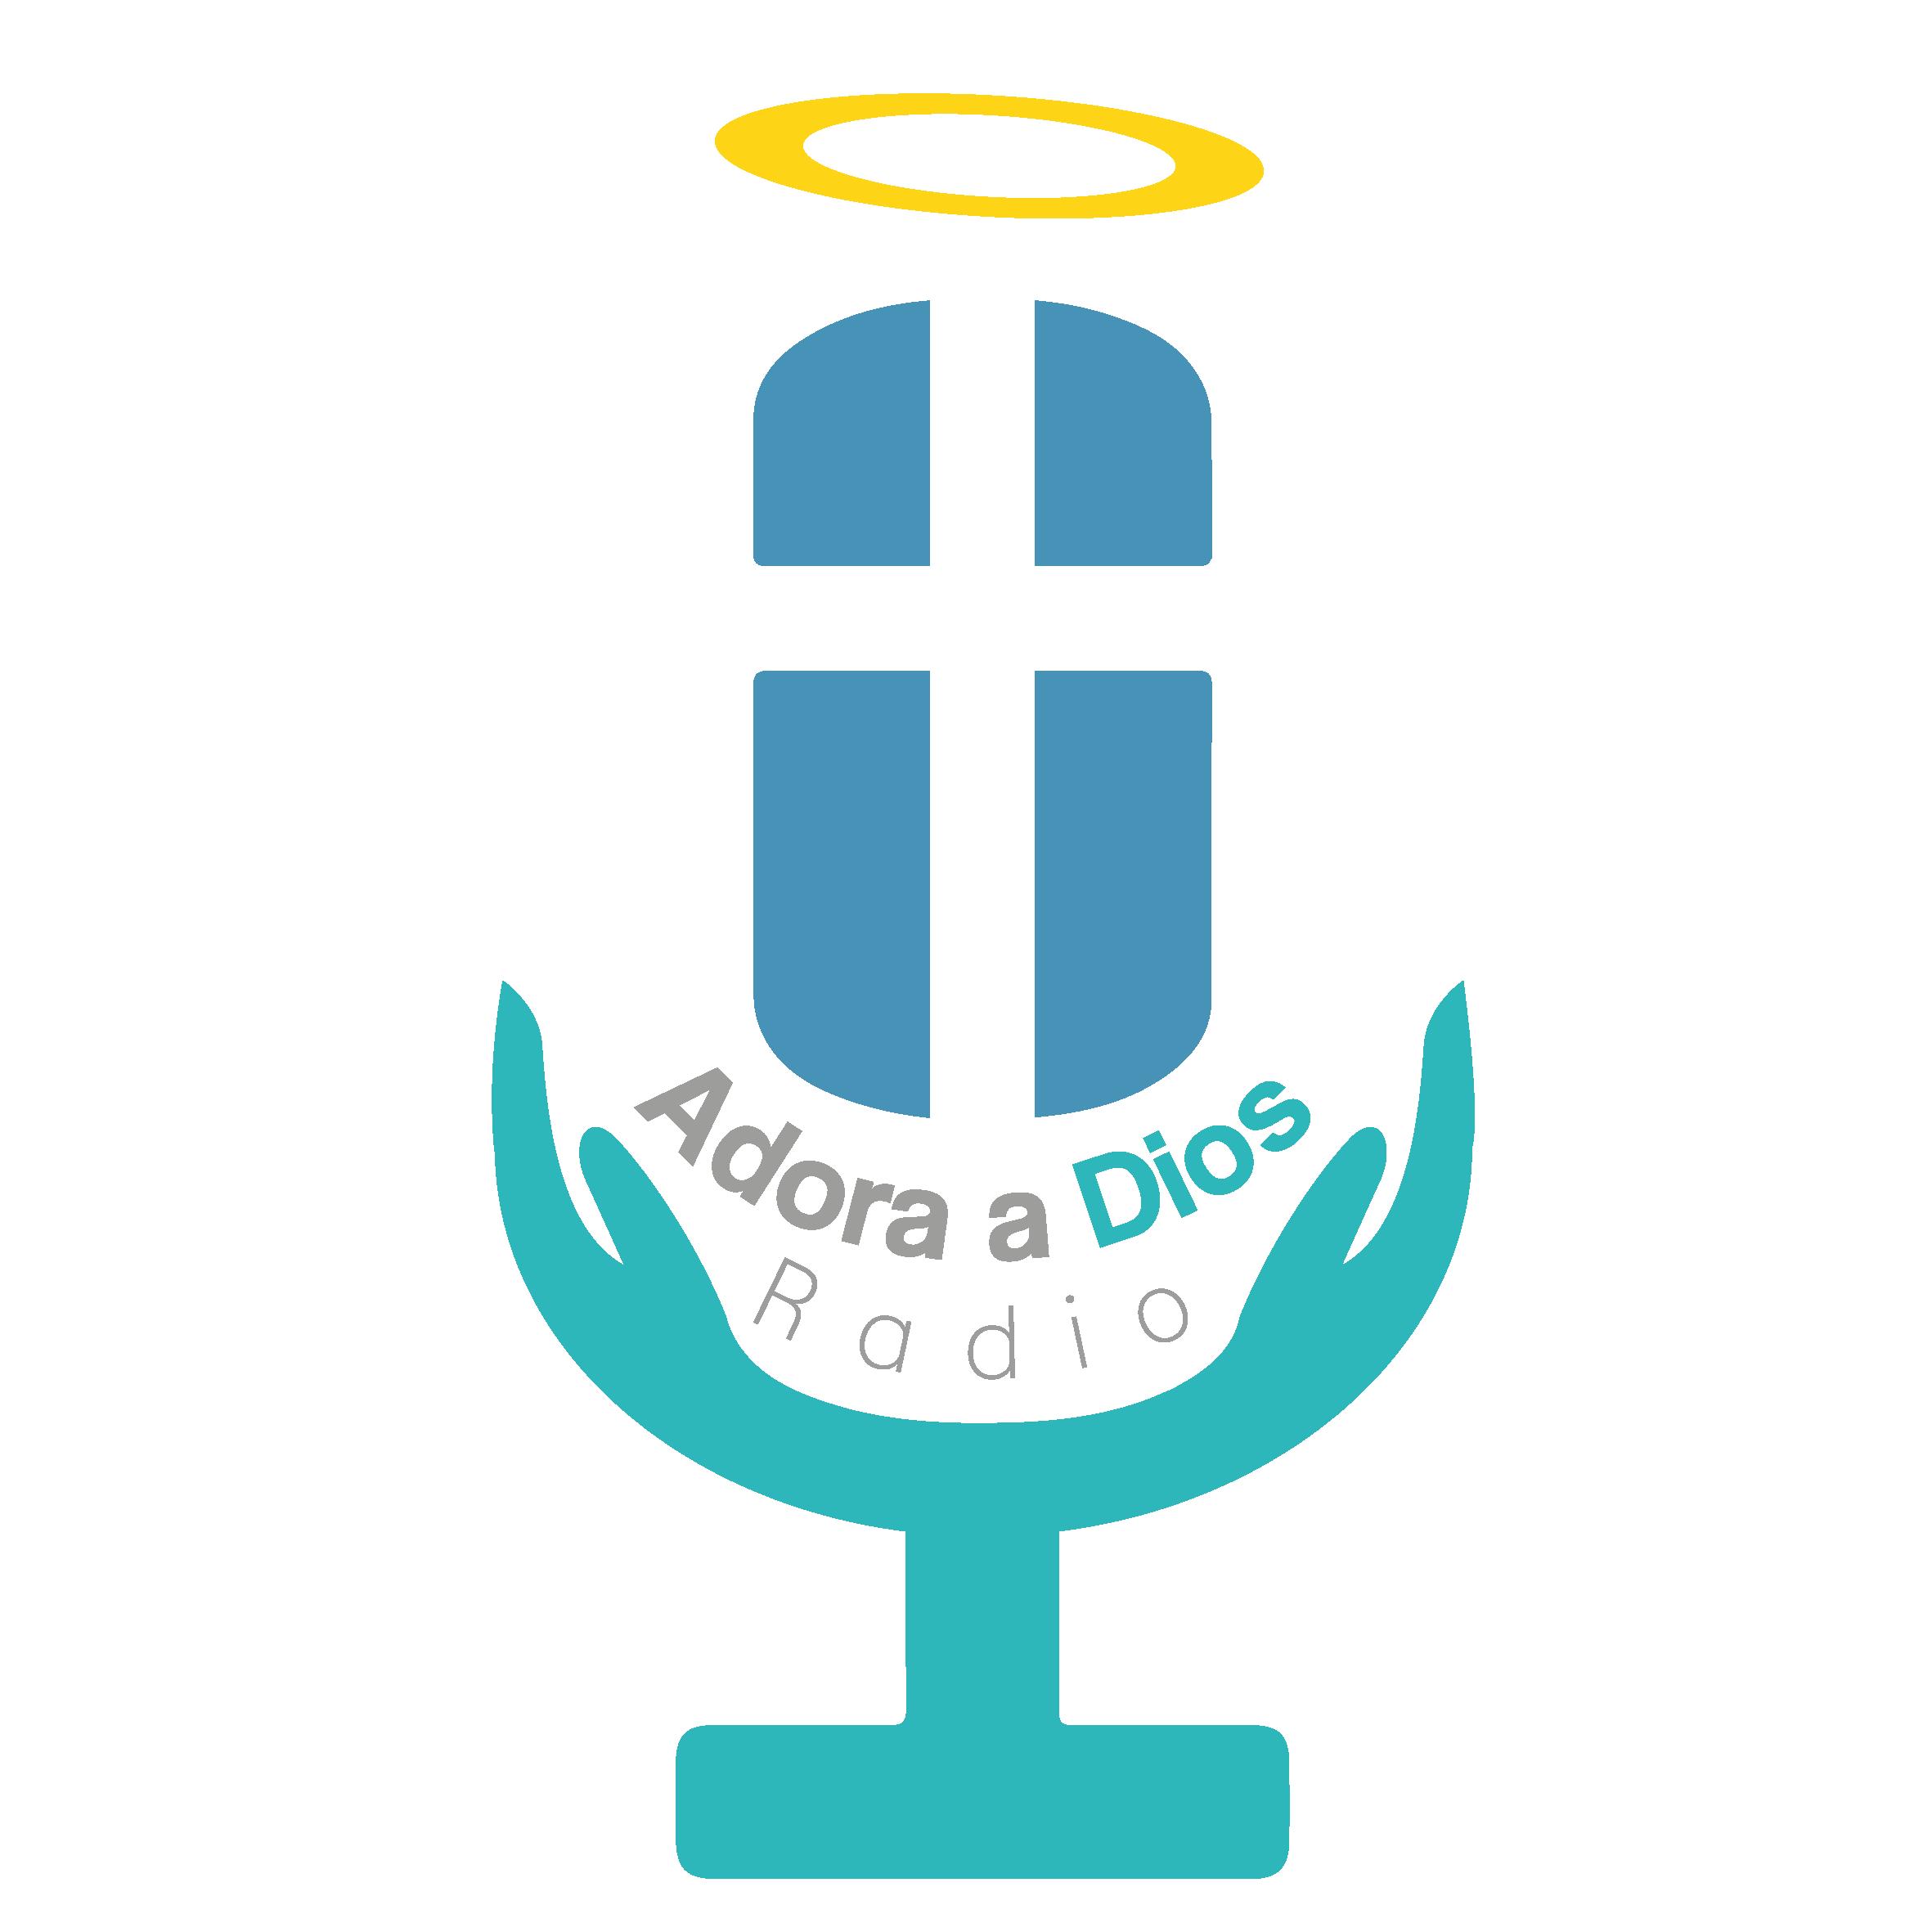 Adora a Dios Radio